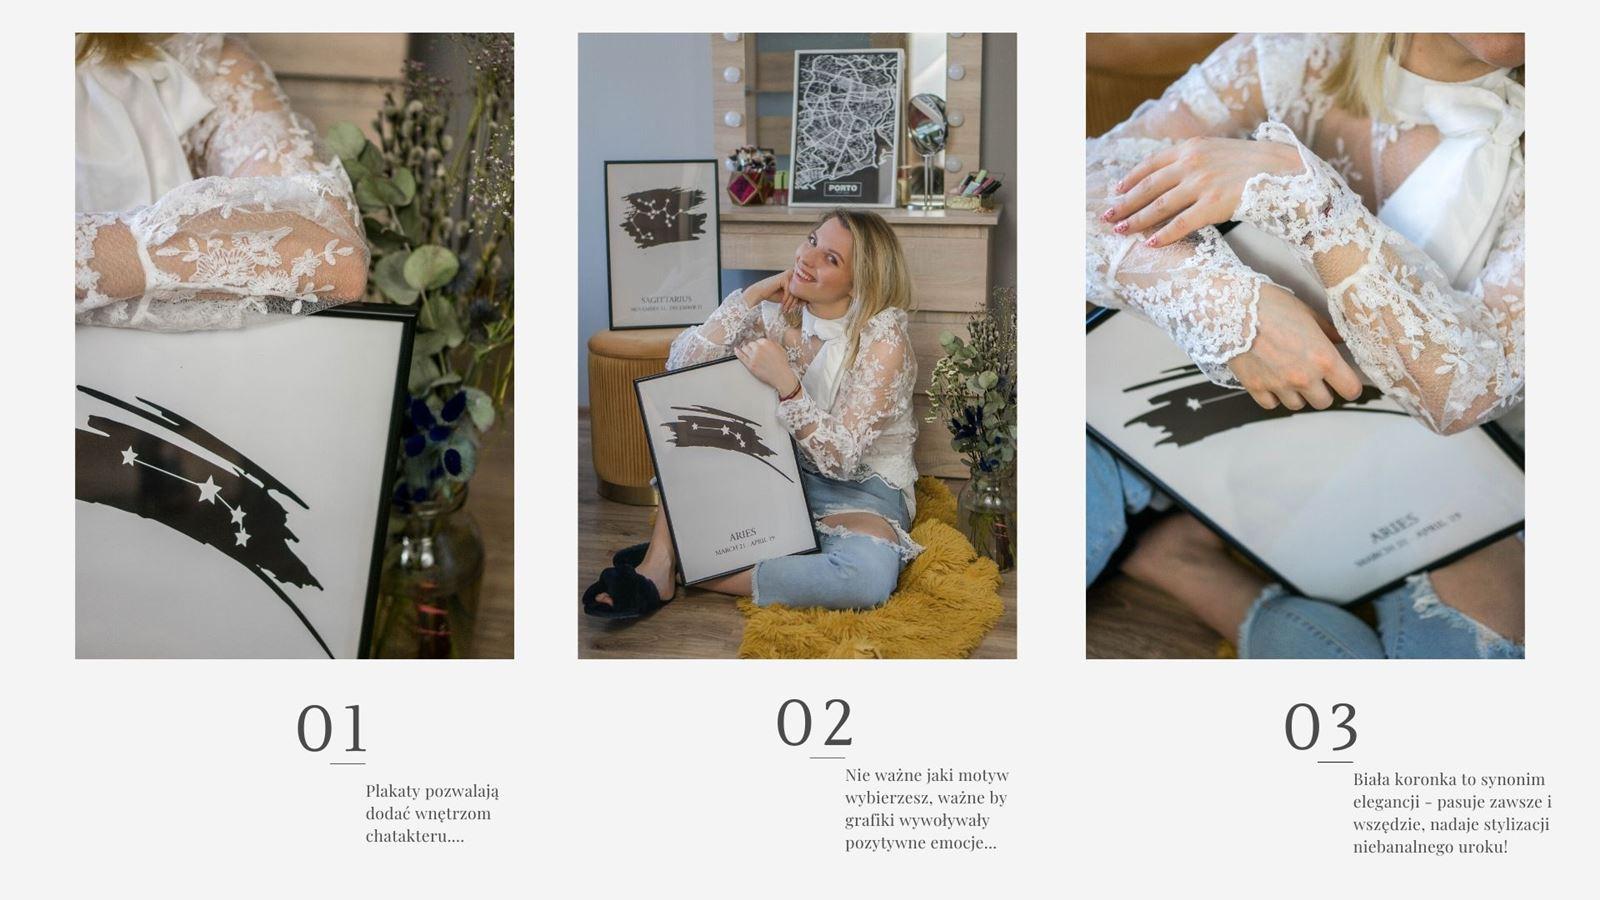 modne dodatki do domu i mieszkania galeria plakatów jak zaprojektować galerię obrazów do mieszkania bimago opinie jak zrobić las w szkle las w słoiku diy plants and pots